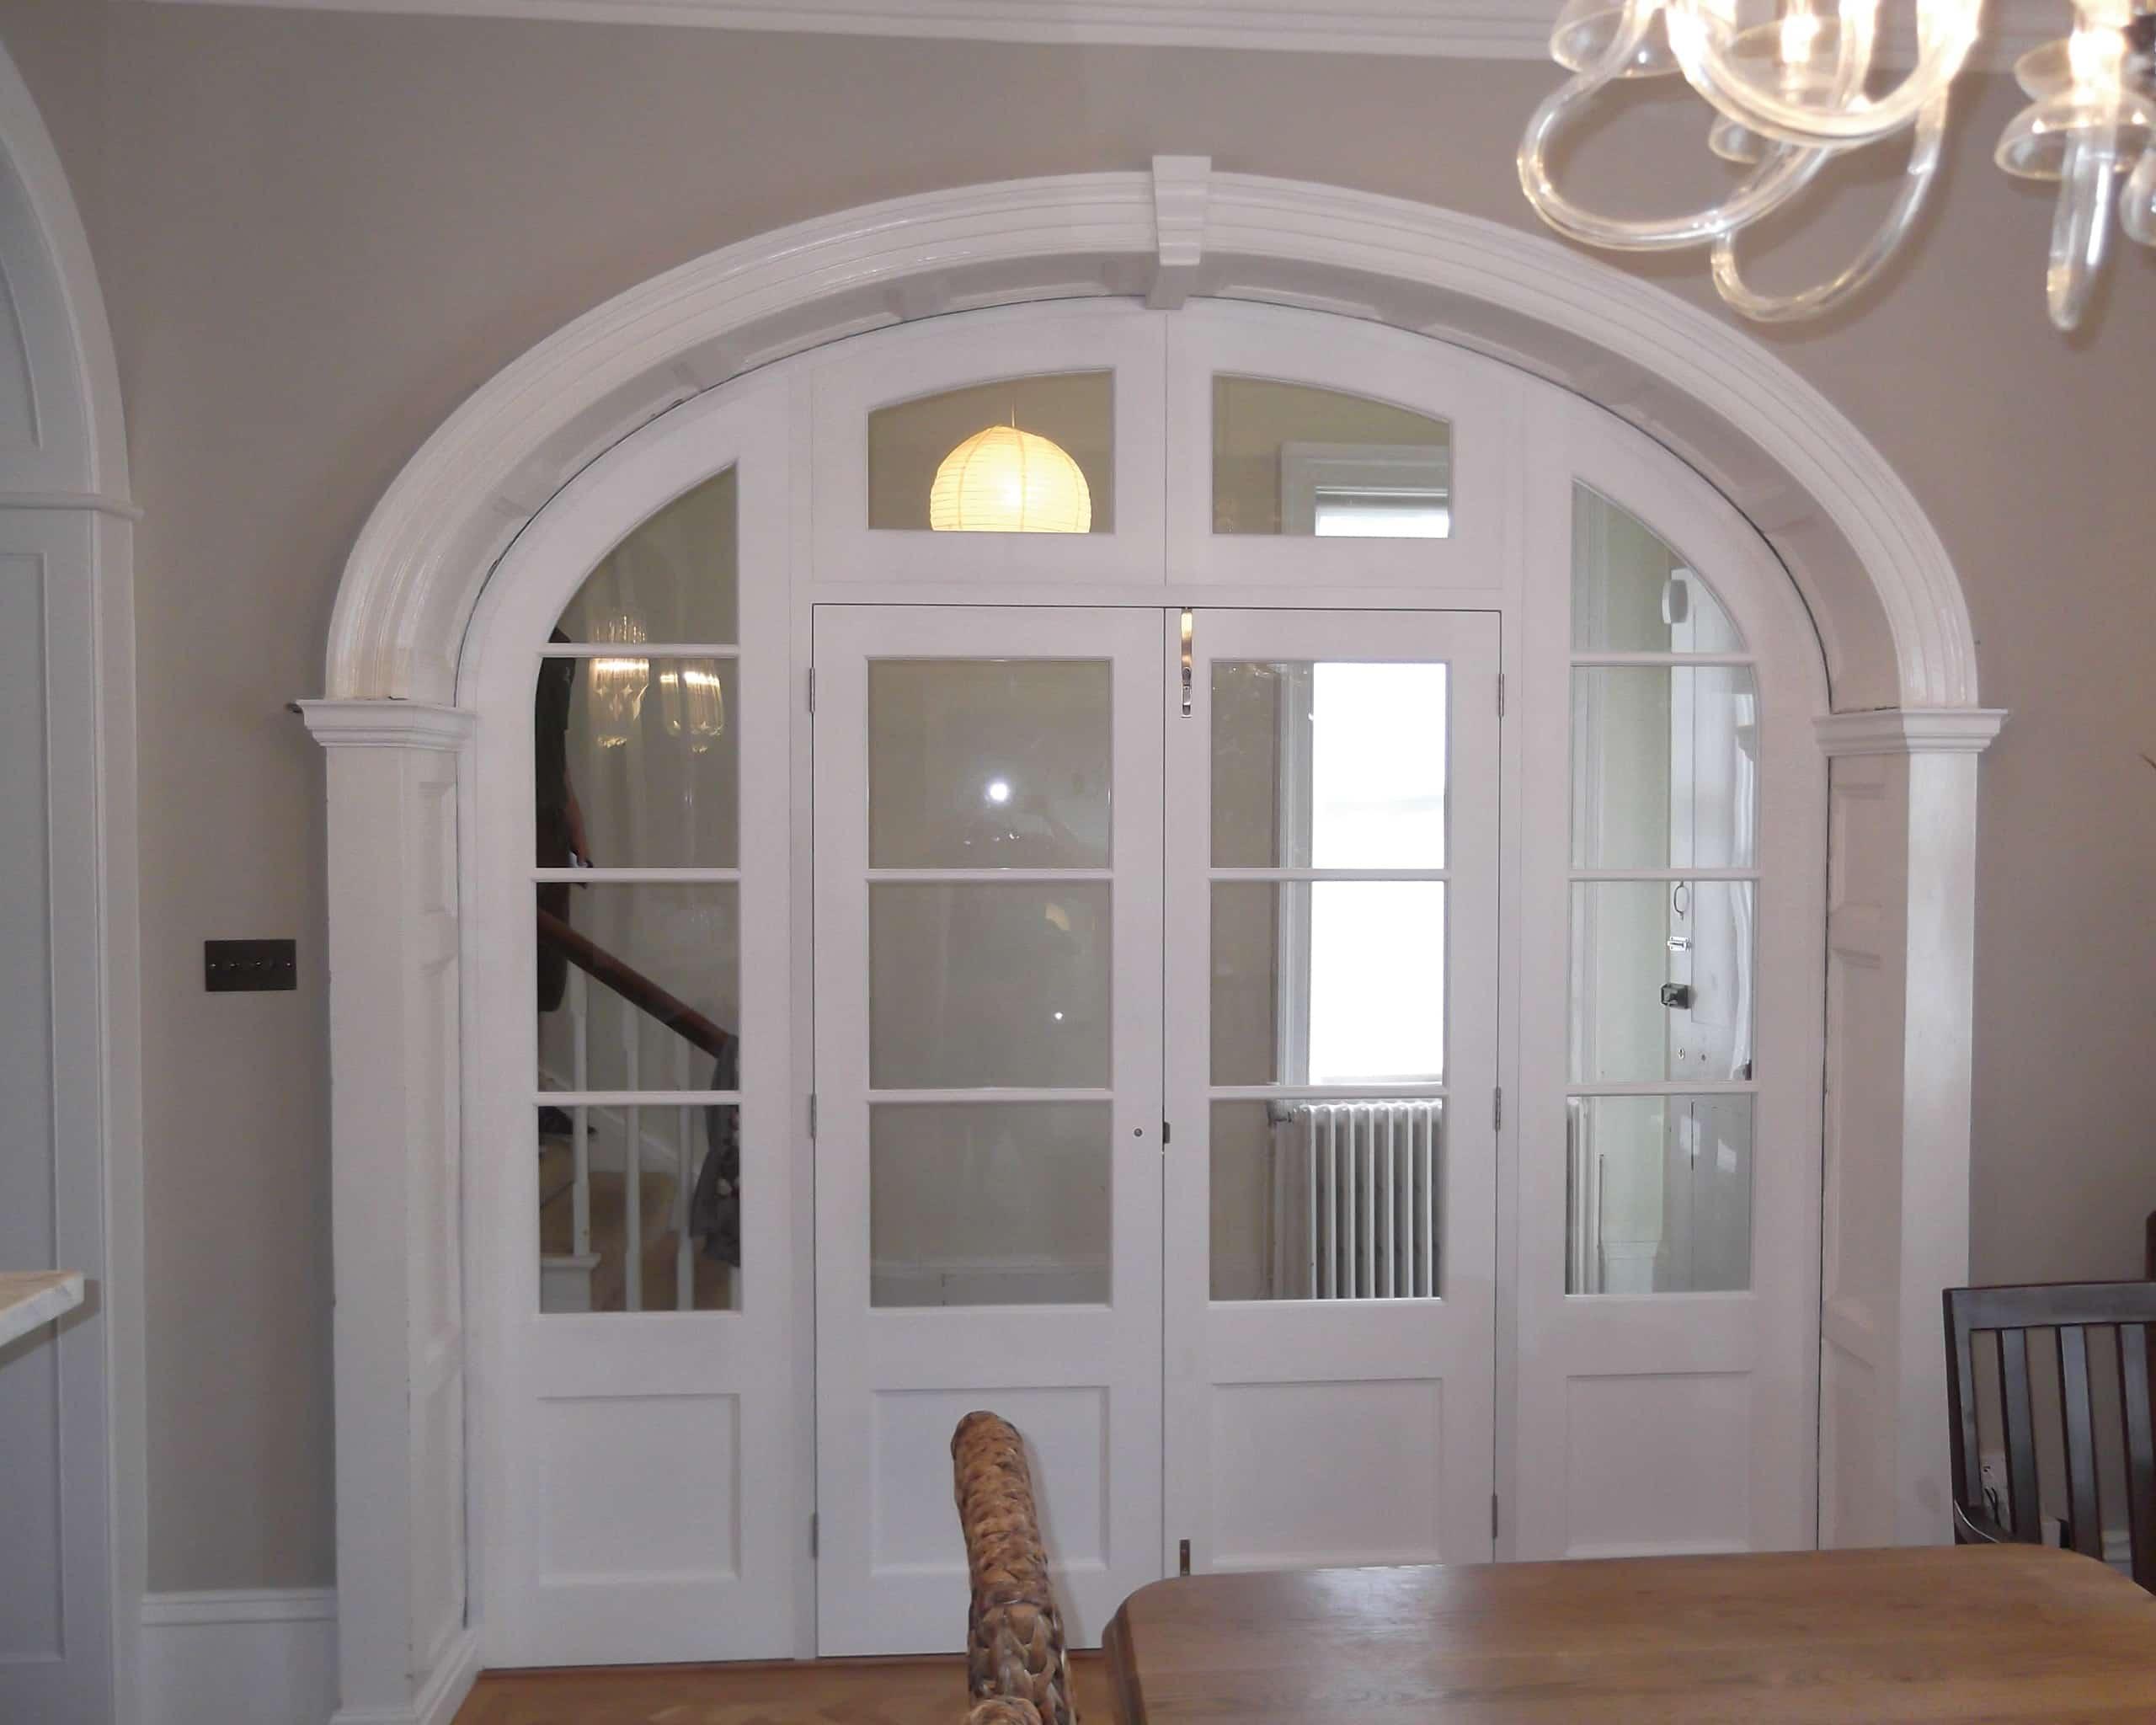 online retailer 9fcbe 41899 Internal Doors - Hall Brothers